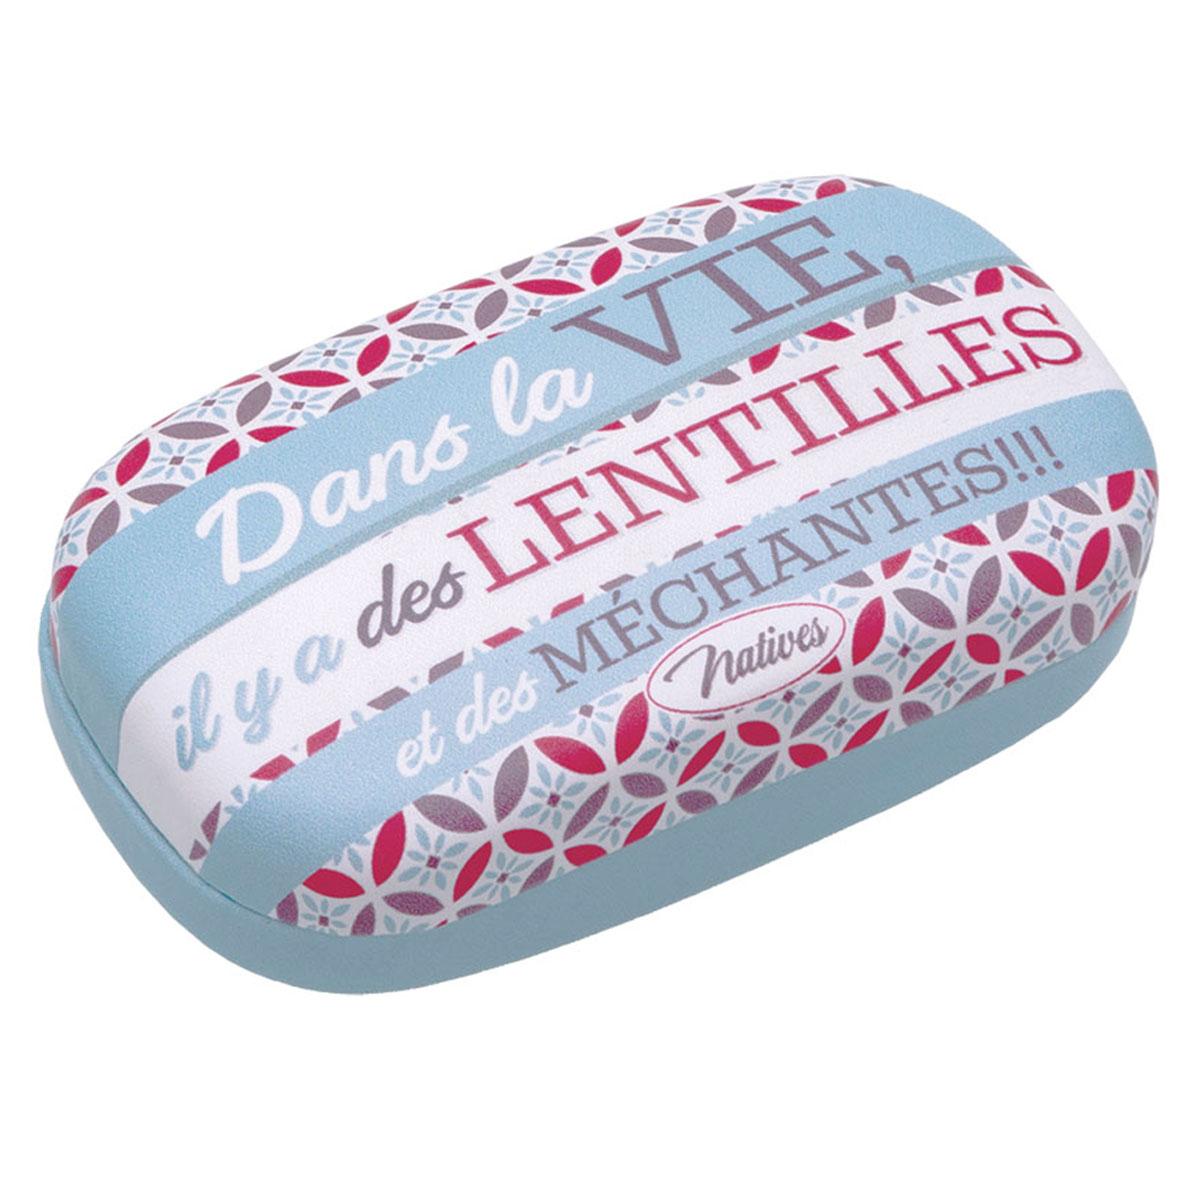 Etui à lentilles de contact \'French Vintage\' (Dans la vie il y a des Lentilles et des Méchantes) - 85x48x3 cm - [Q6992]